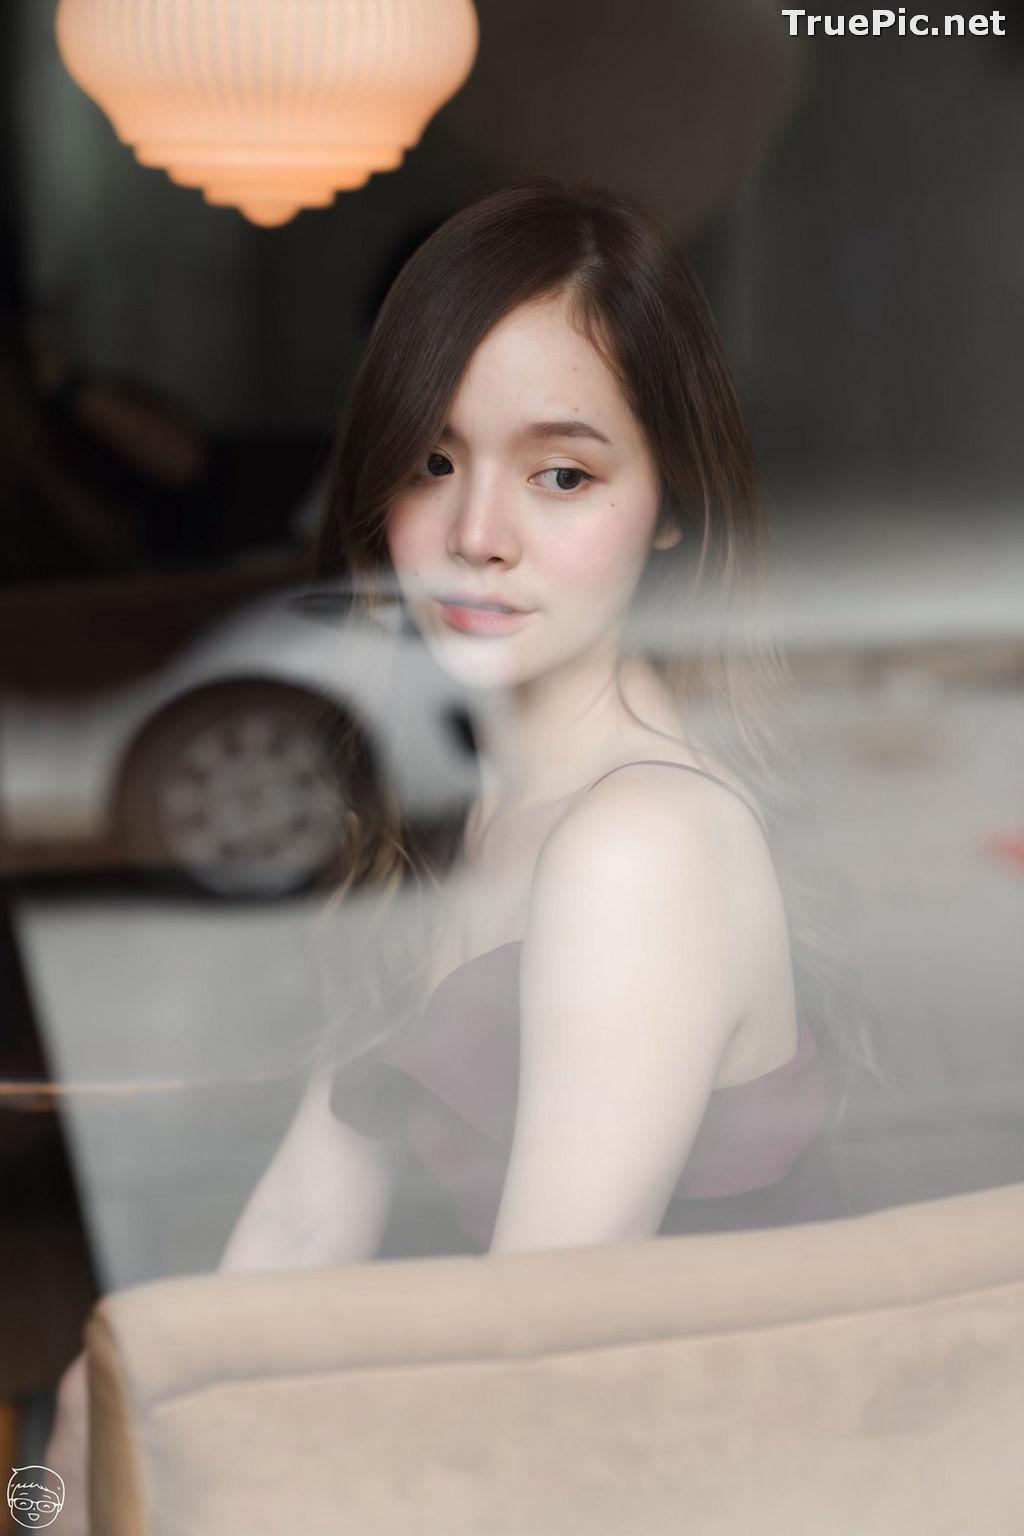 Image Thailand Model - Jinierinsine Kampeera - Concept Looper - TruePic.net - Picture-8